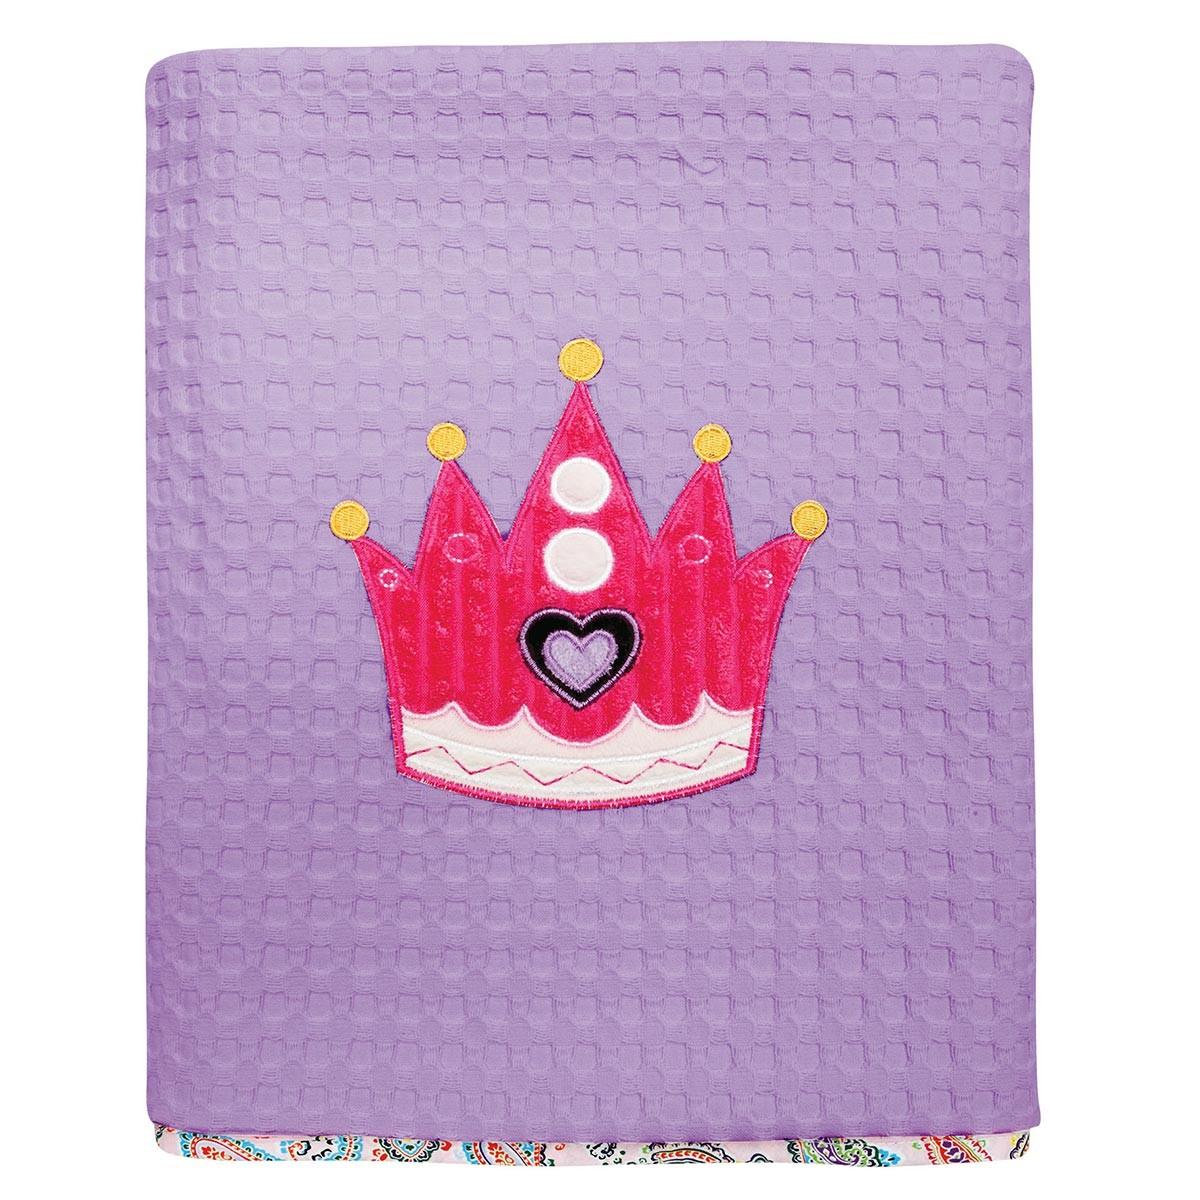 Κουβέρτα Πικέ Κούνιας Das Home Dream Embroidery 6398